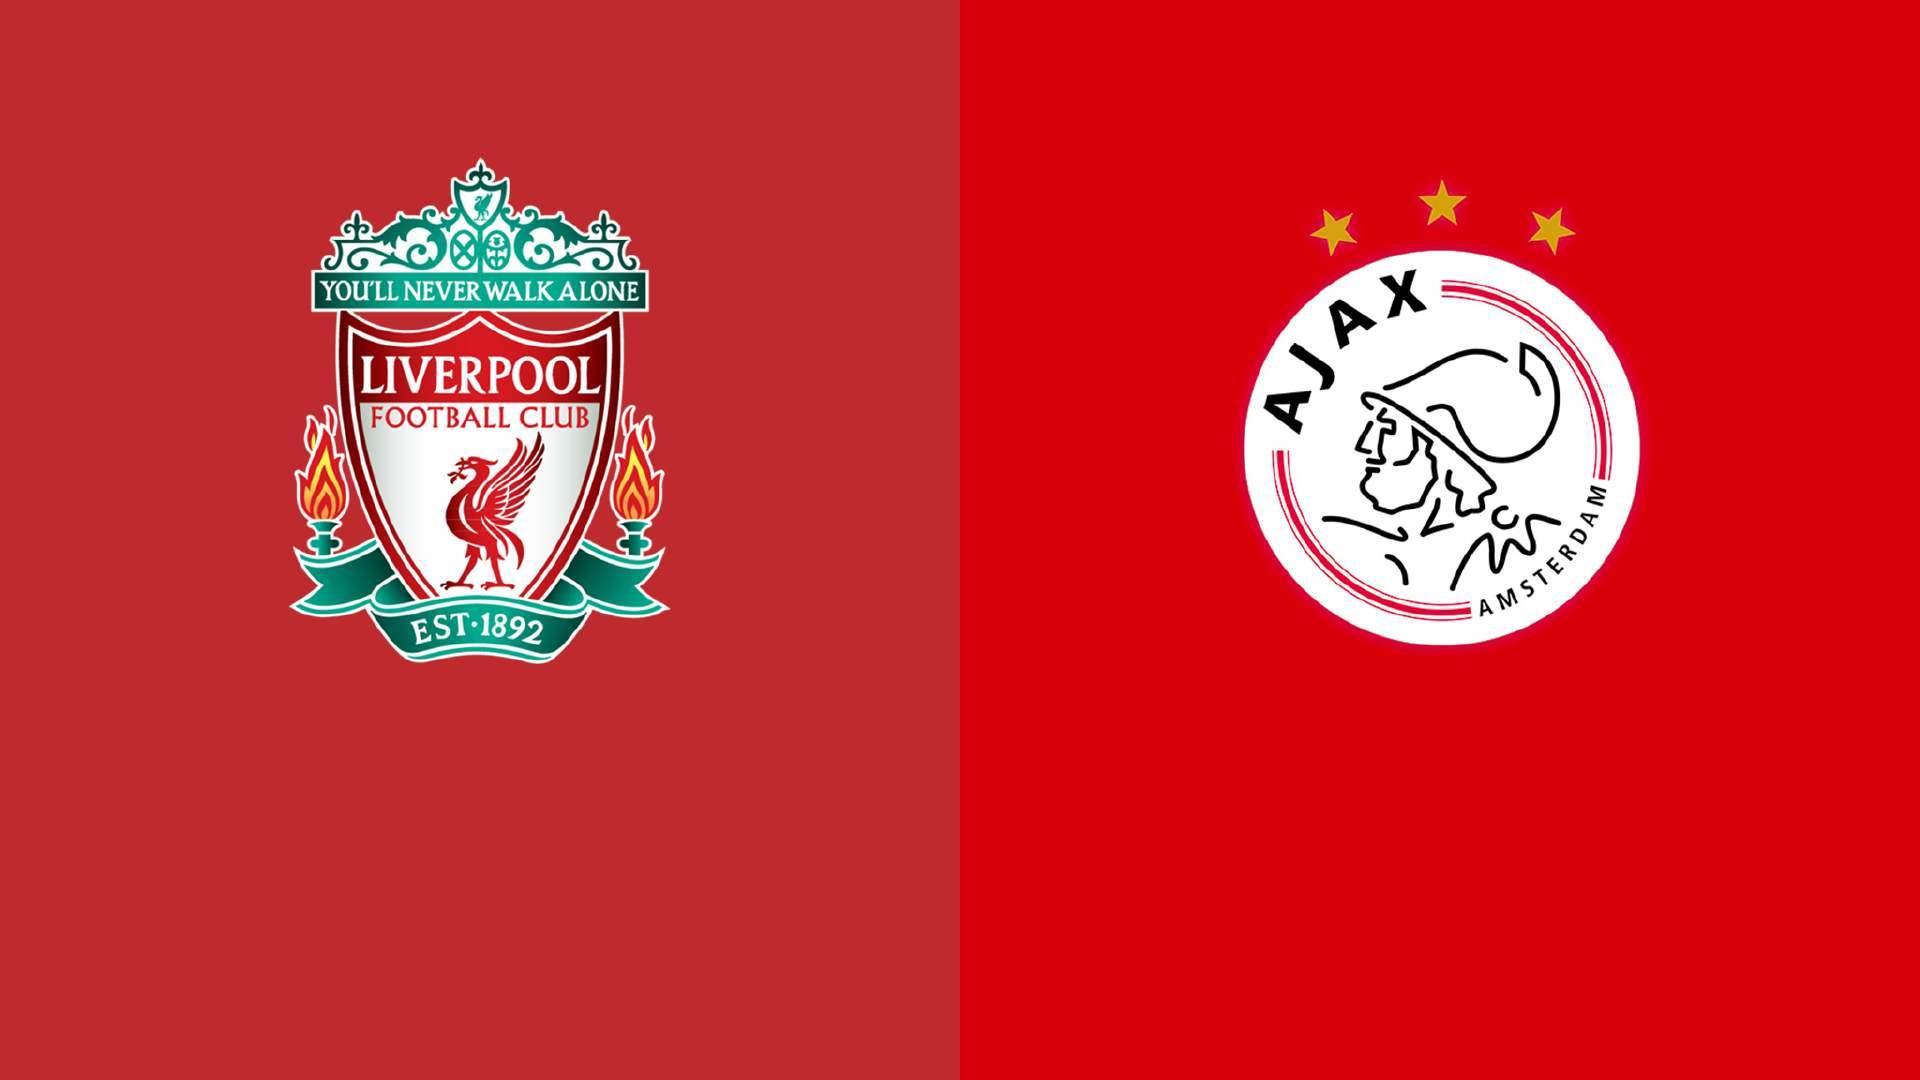 原創歐冠小組賽第5輪推薦:利物浦贏球晉級,國米輸球出局